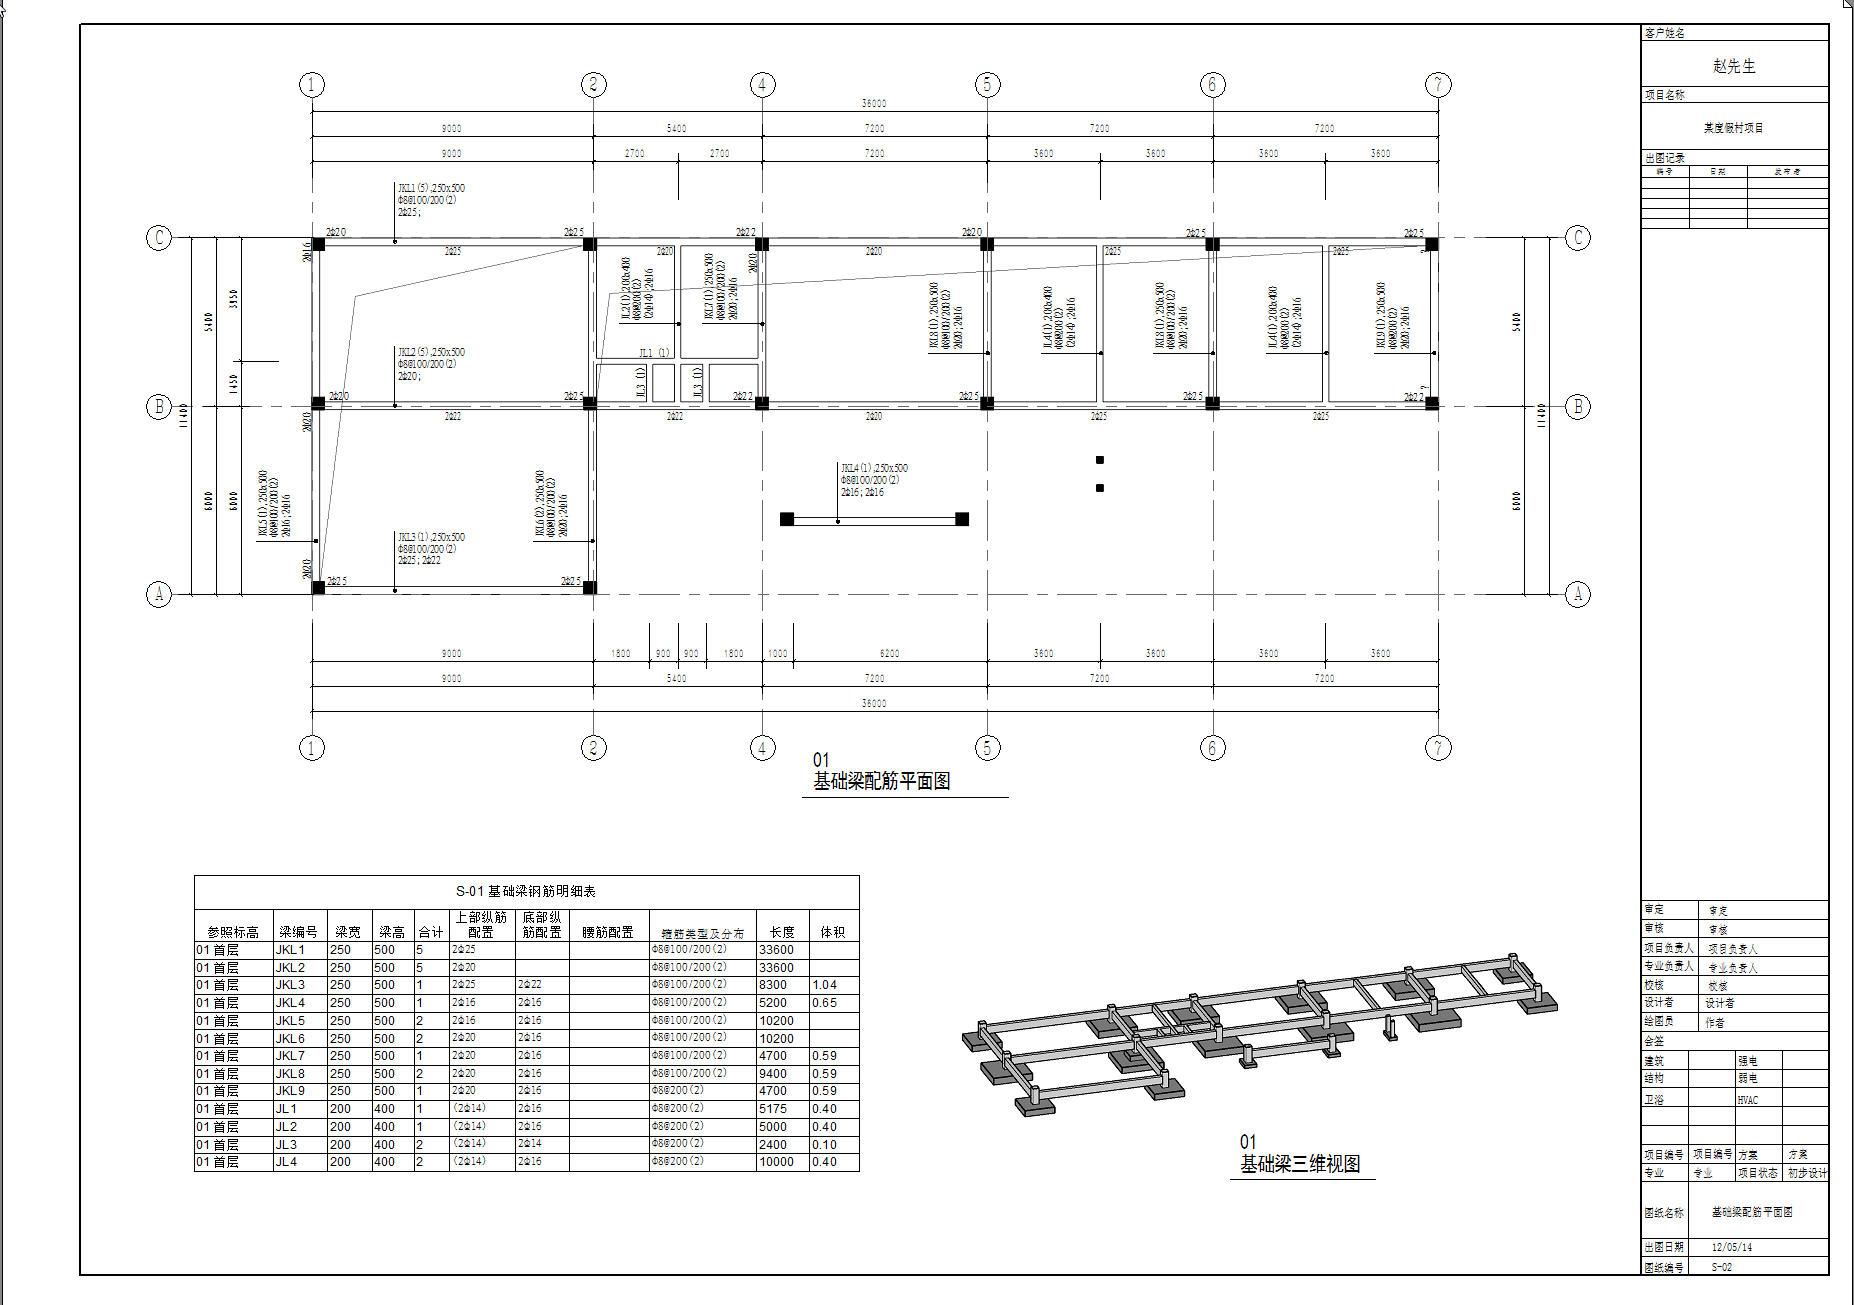 结构施工图设计包括: 1. 结构计算结构受力性能计算、满足抗震及使用要求 2. 结构效果图设计体现结构布置效果图,便于施工后对照 3. 结构布置图楼层梁、柱、板尺寸图 4. 结构基础图基础布置尺寸图及配筋平面图 5. 结构平面施工图各楼层梁、板布置配筋图 6. 柱施工图柱结构布置及配筋图 7.